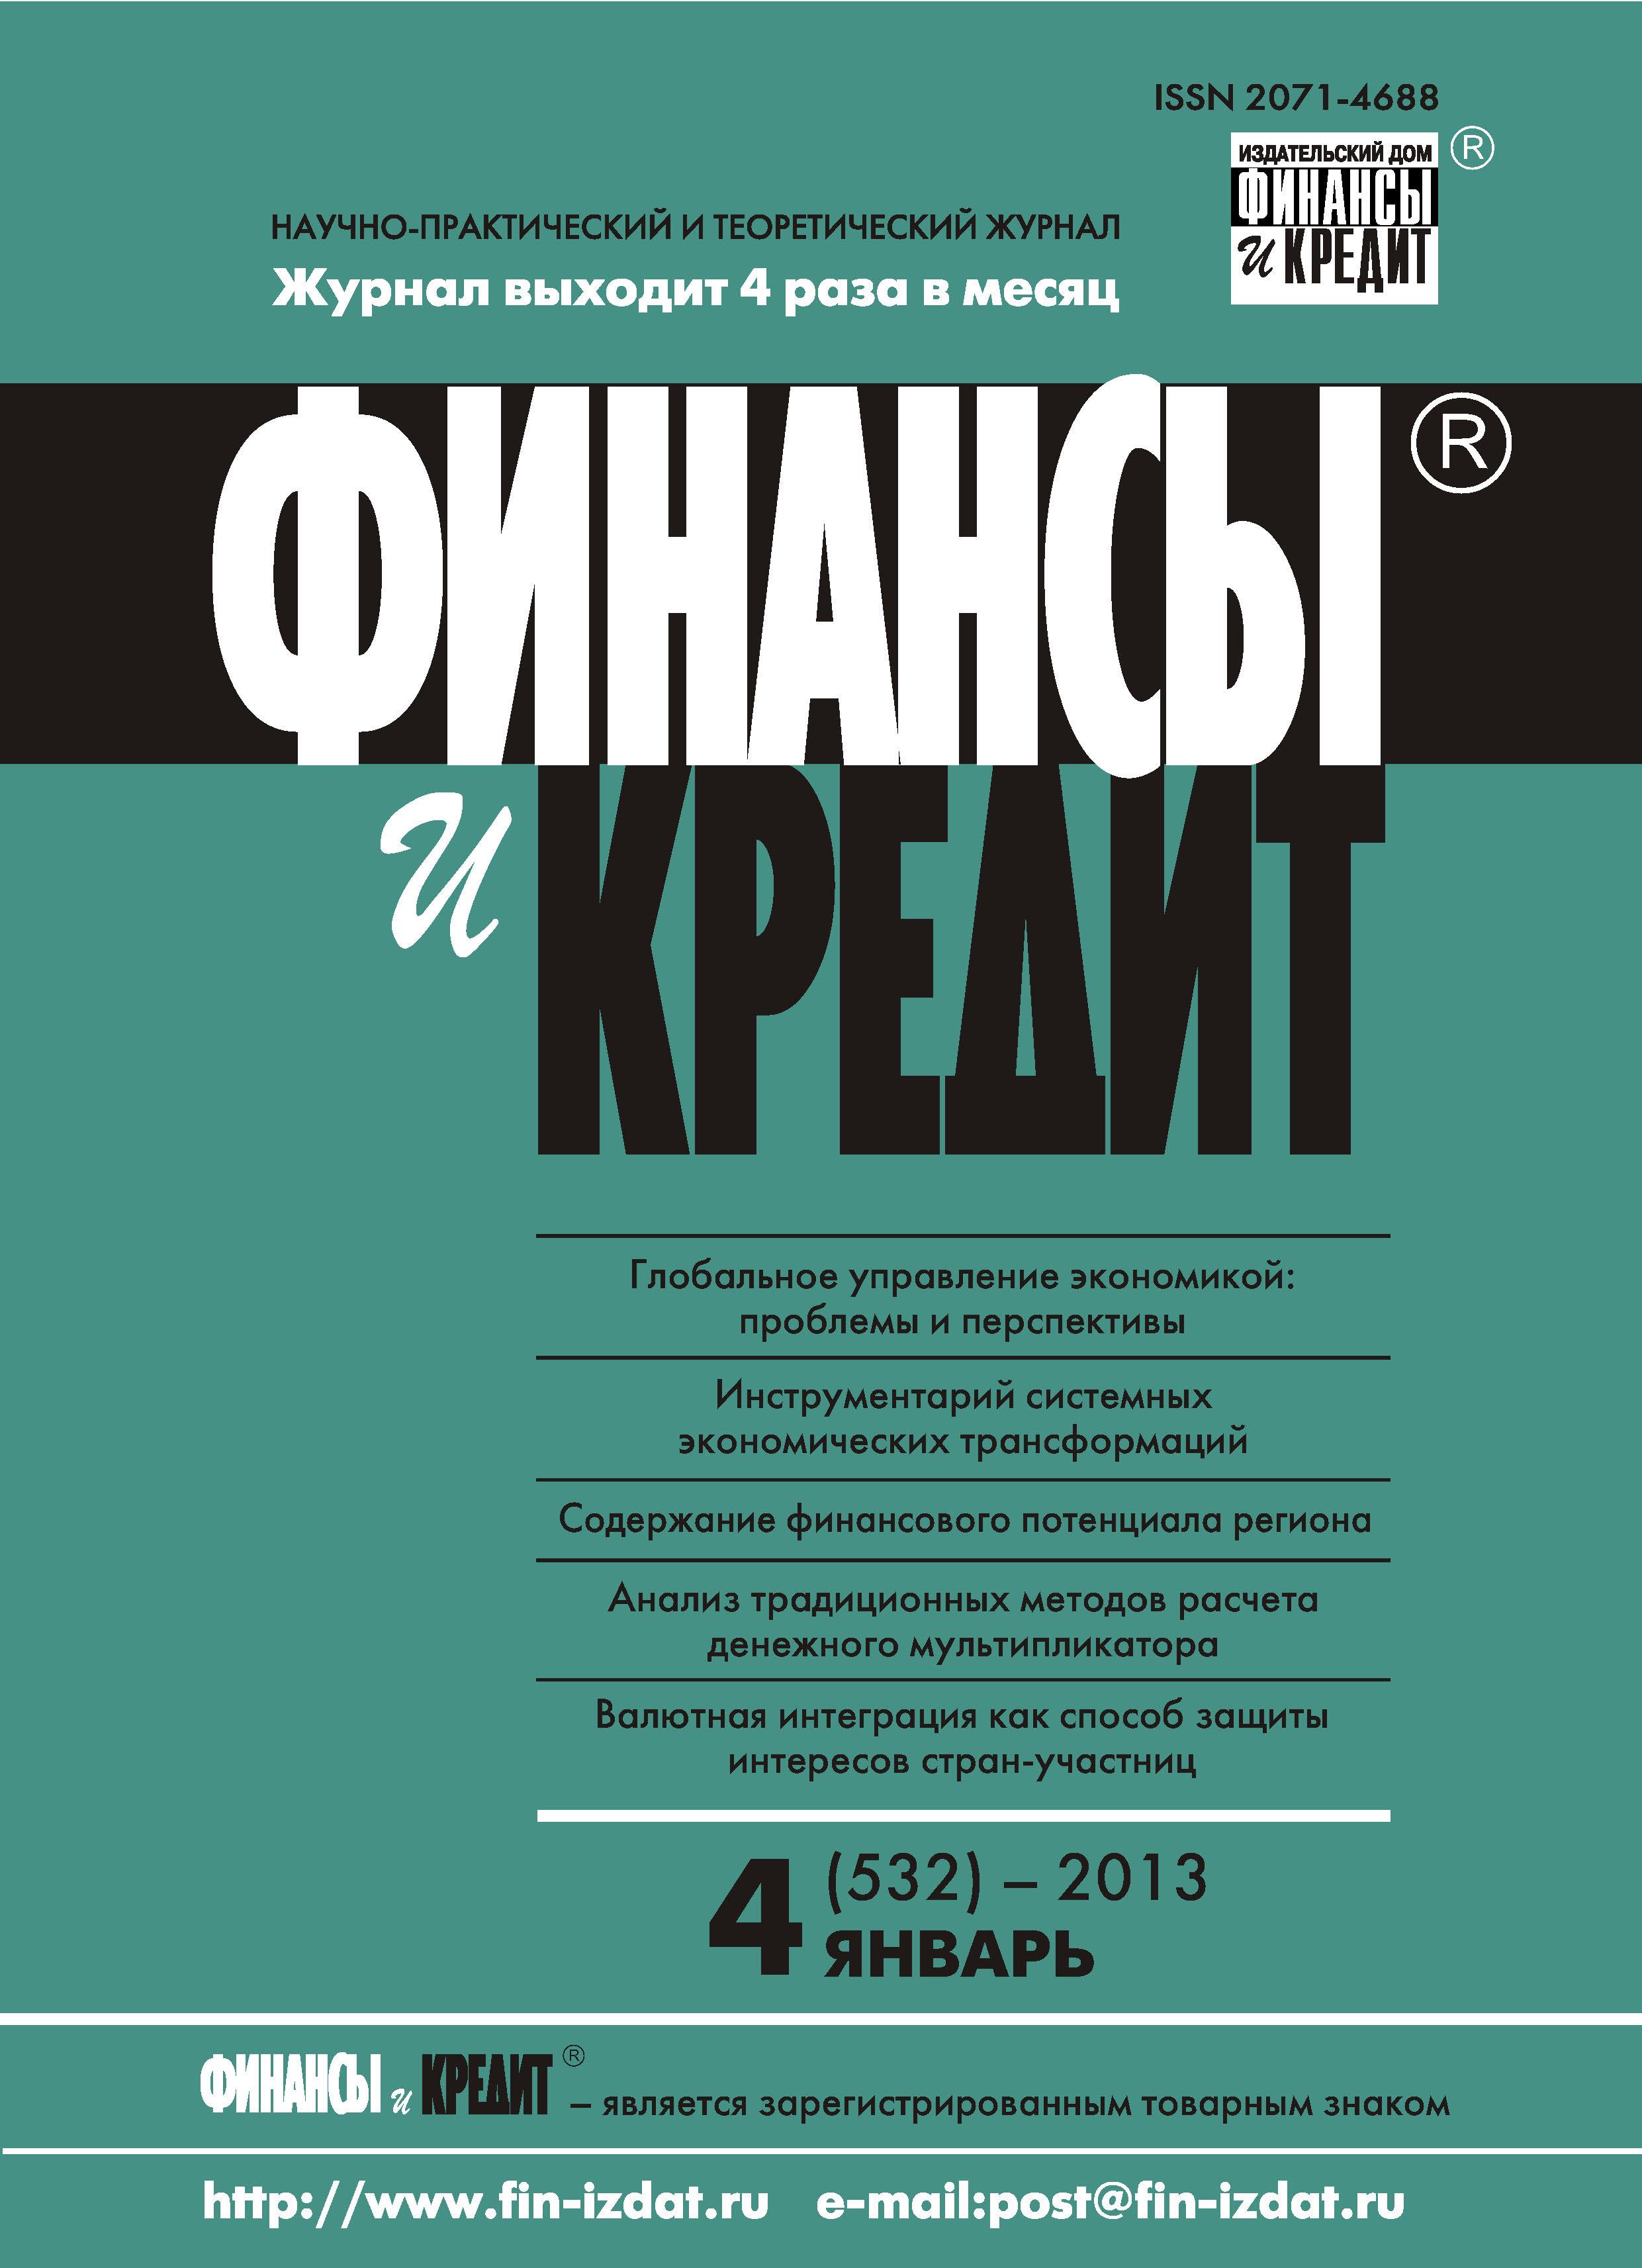 Финансы и Кредит № 4 (532) 2013